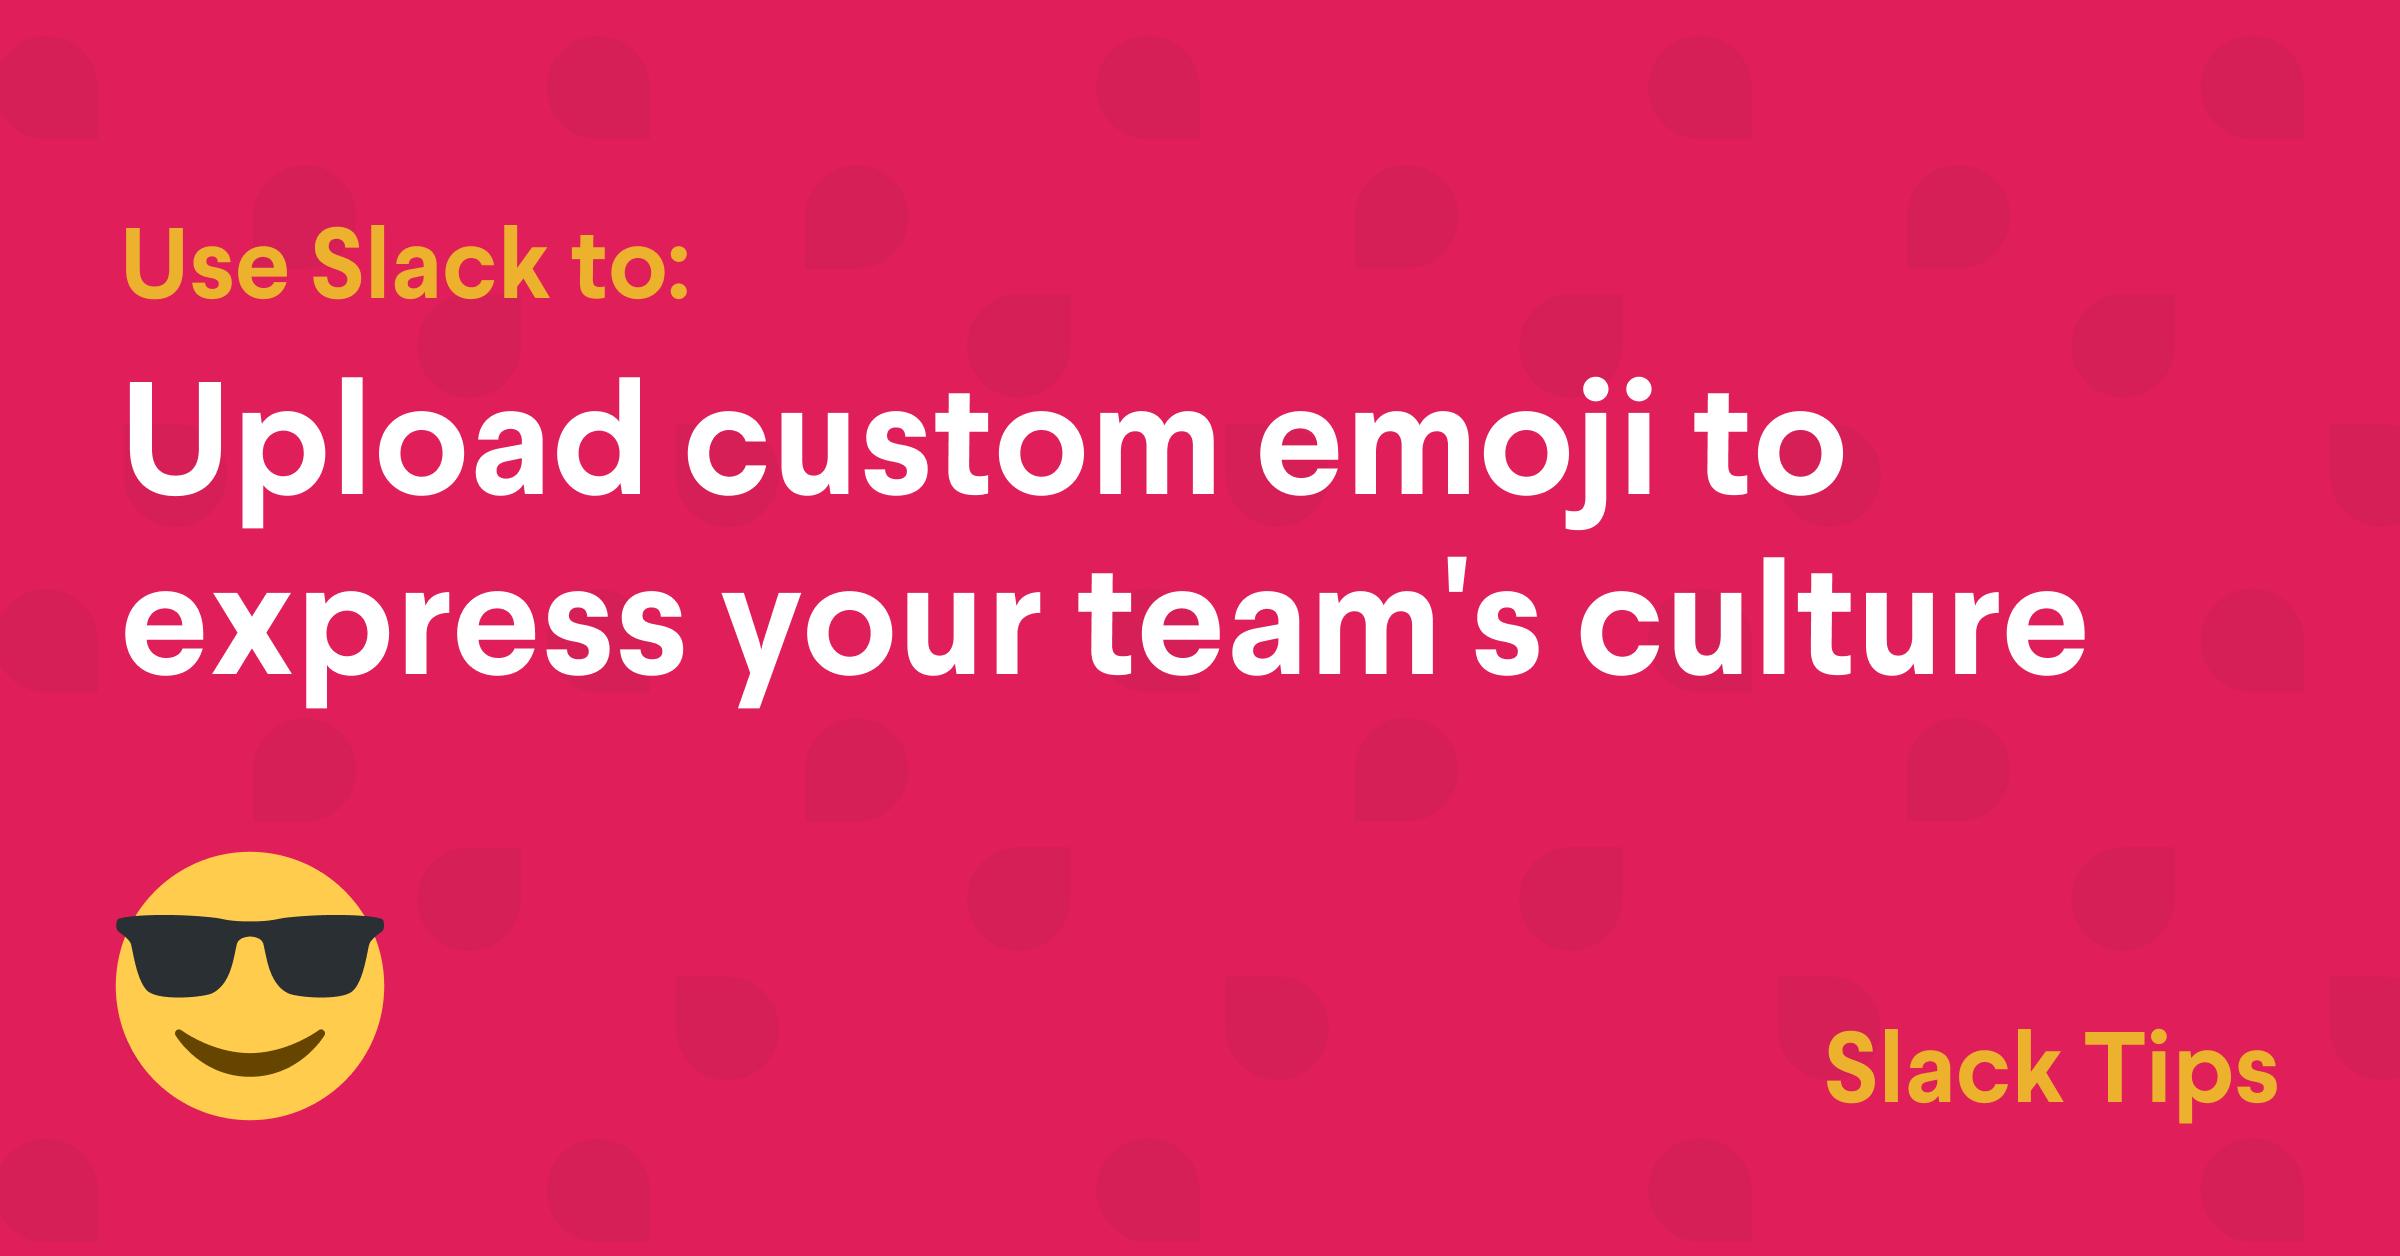 Upload custom emoji to express your team's culture | Slack